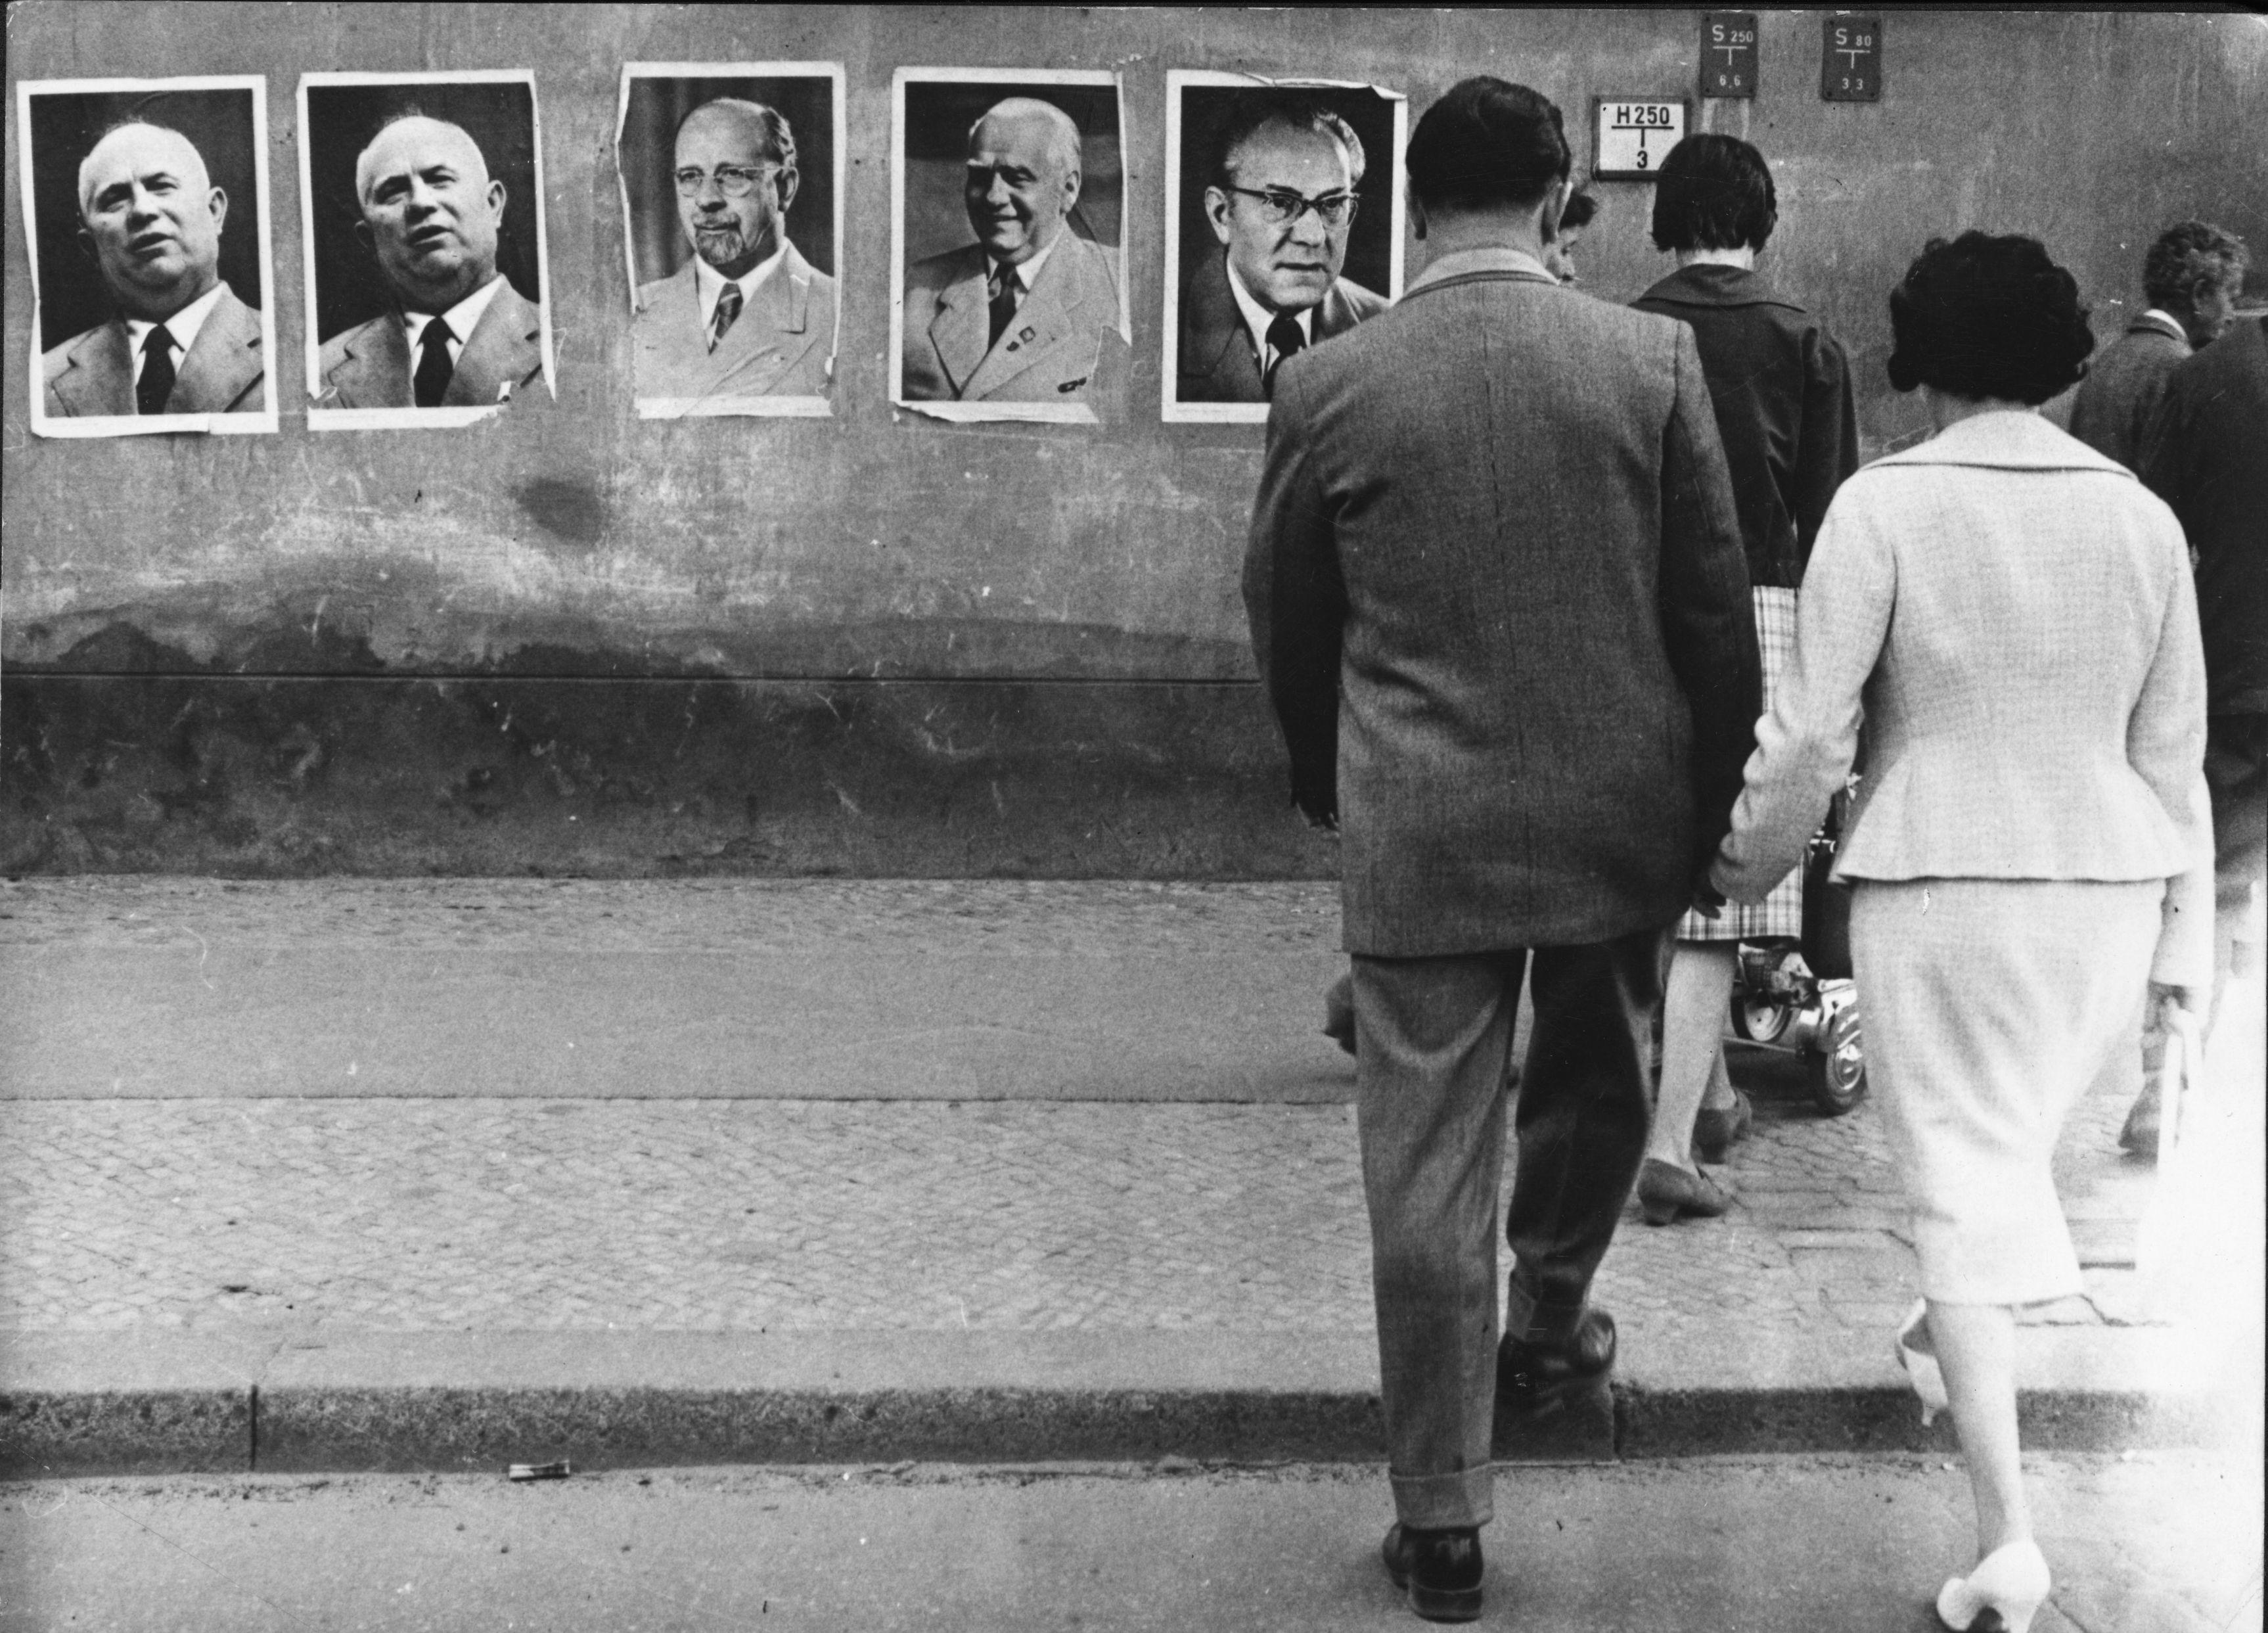 <p><strong>28 август 1961 г.&nbsp;</strong></p>  <p>От източната страна Берлинската стена е облепена с плакати на съветския лидер Никита Хрушчов и на лидера на ГДР - Валтер Улбрихт.</p>